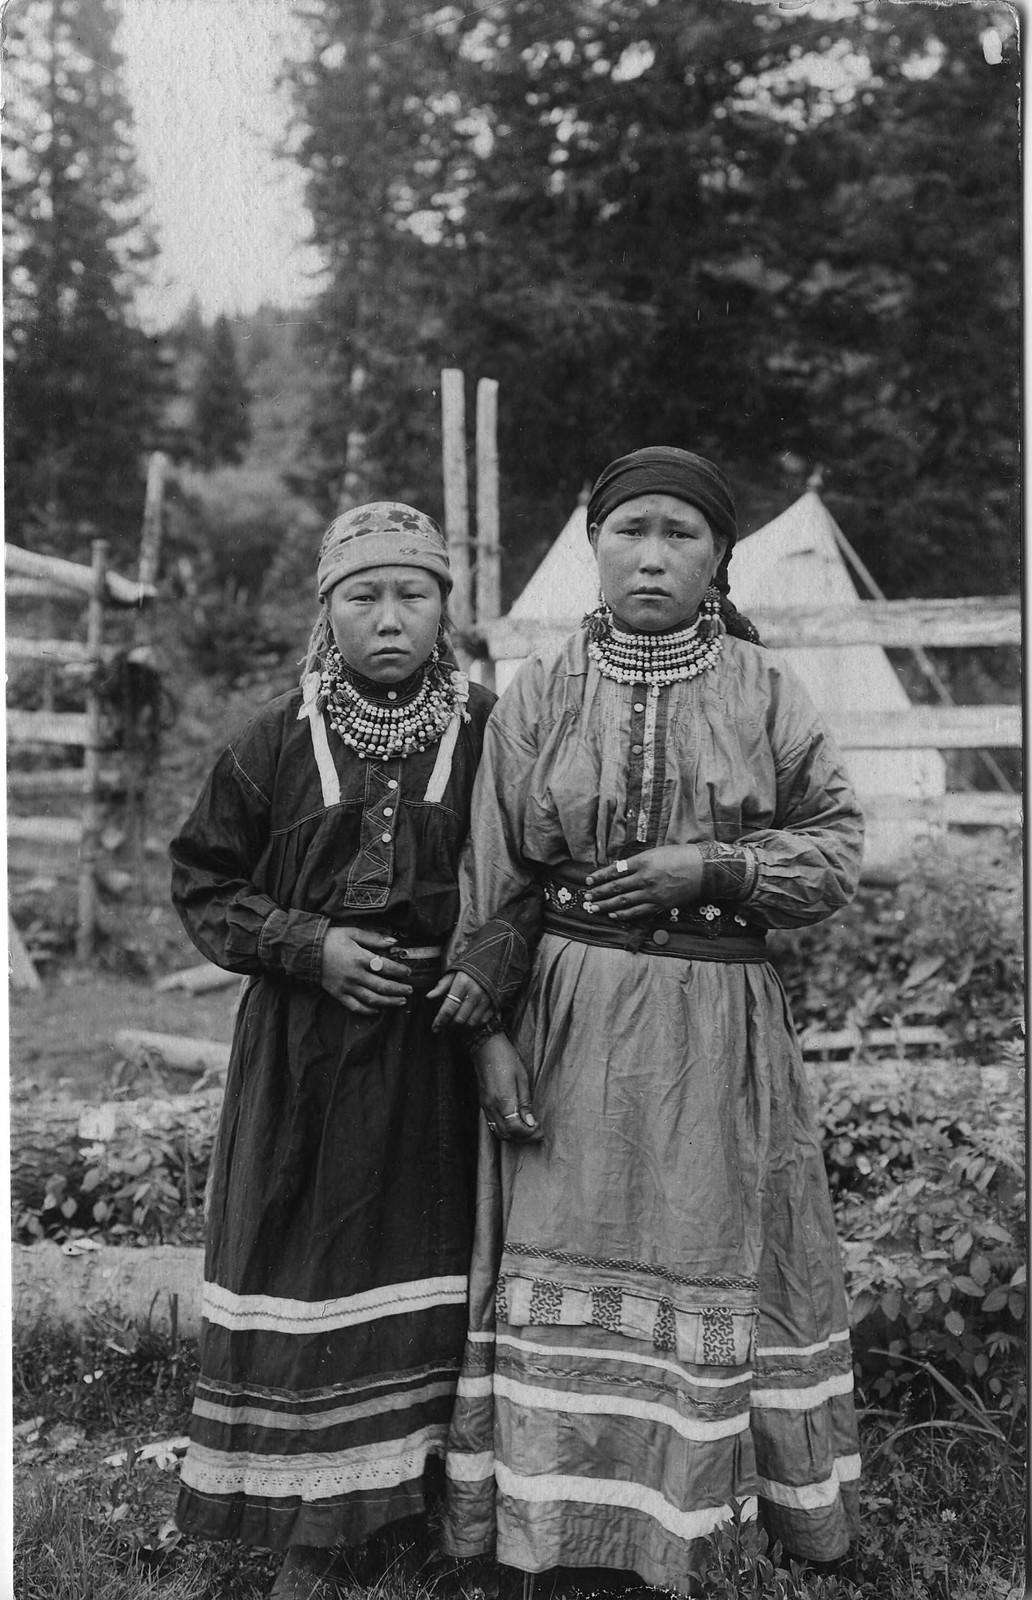 Молодые шорские девушки в традиционной, праздничной одежде. К началу XX в. традиционная одежда сохранилась только в глухих улусах в верховьях Мрассу и Кондомы